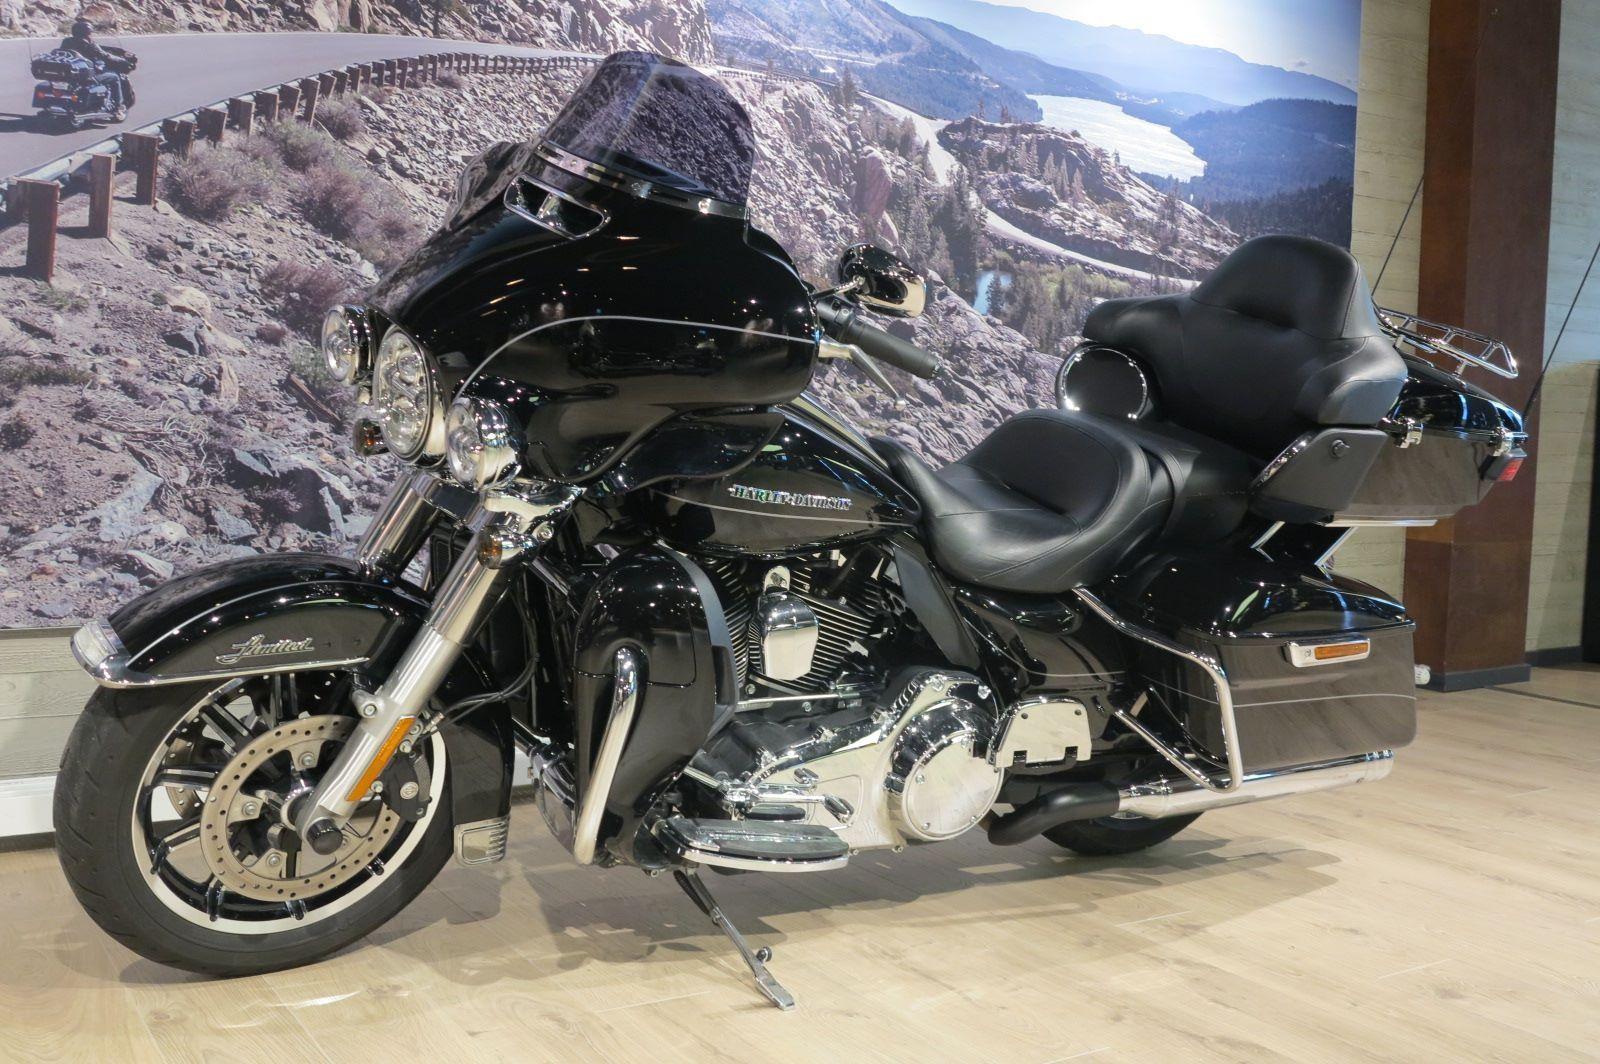 motorrad occasion kaufen harley davidson flhtk 1690 electra glide ultra limited abs ref 0443. Black Bedroom Furniture Sets. Home Design Ideas